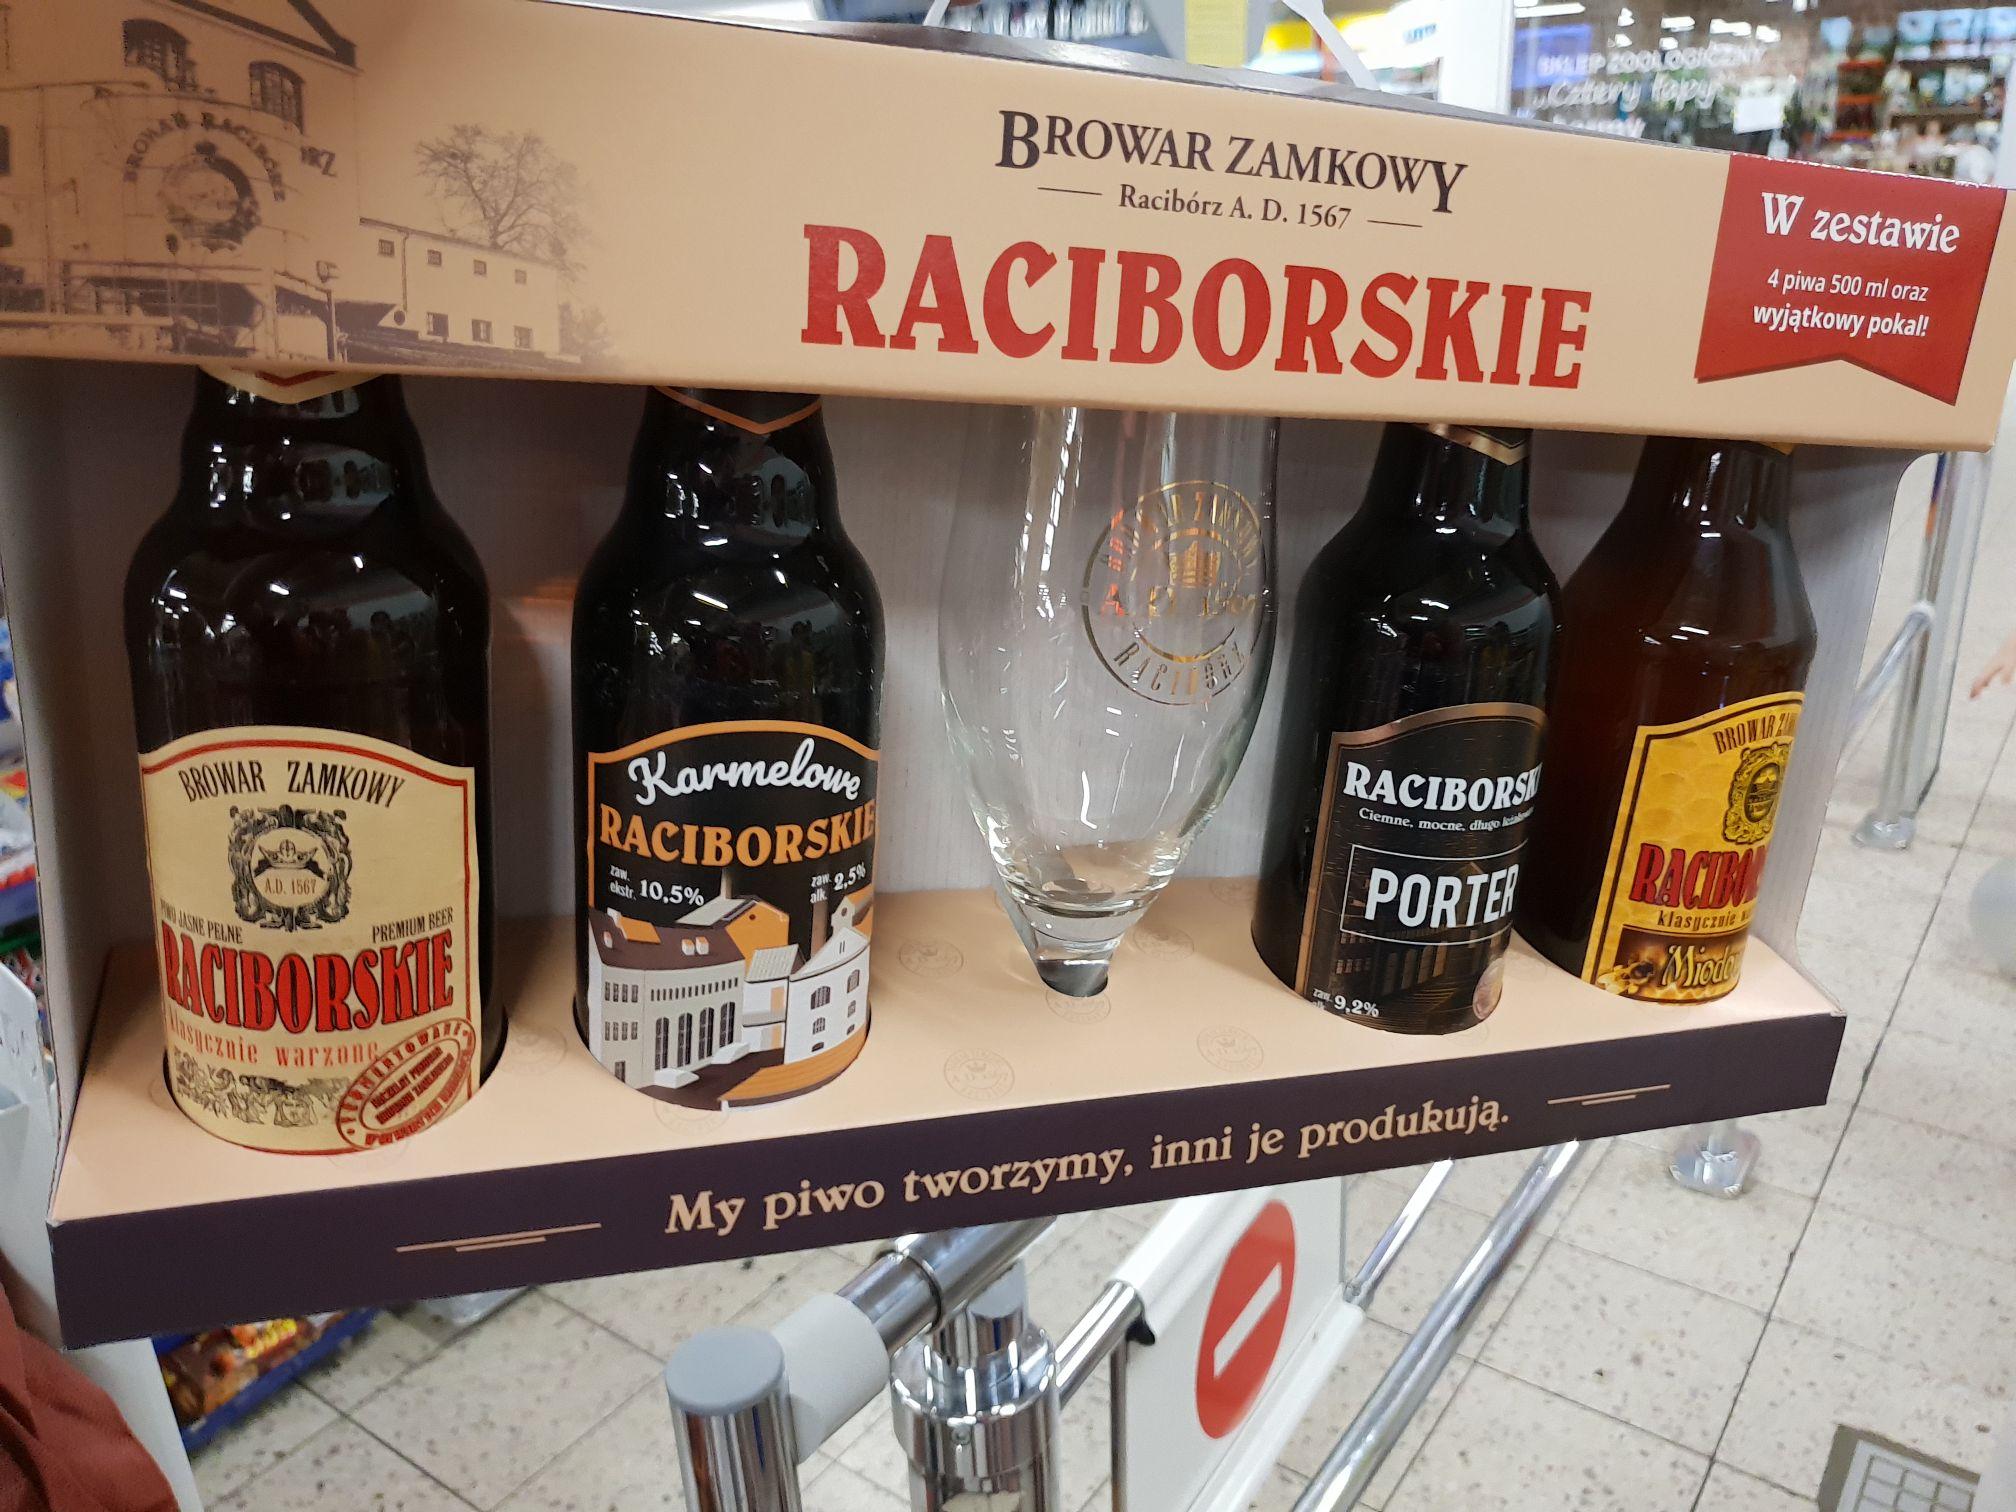 4x Raciborskie + pokal. E.Lecrerc Gliwice